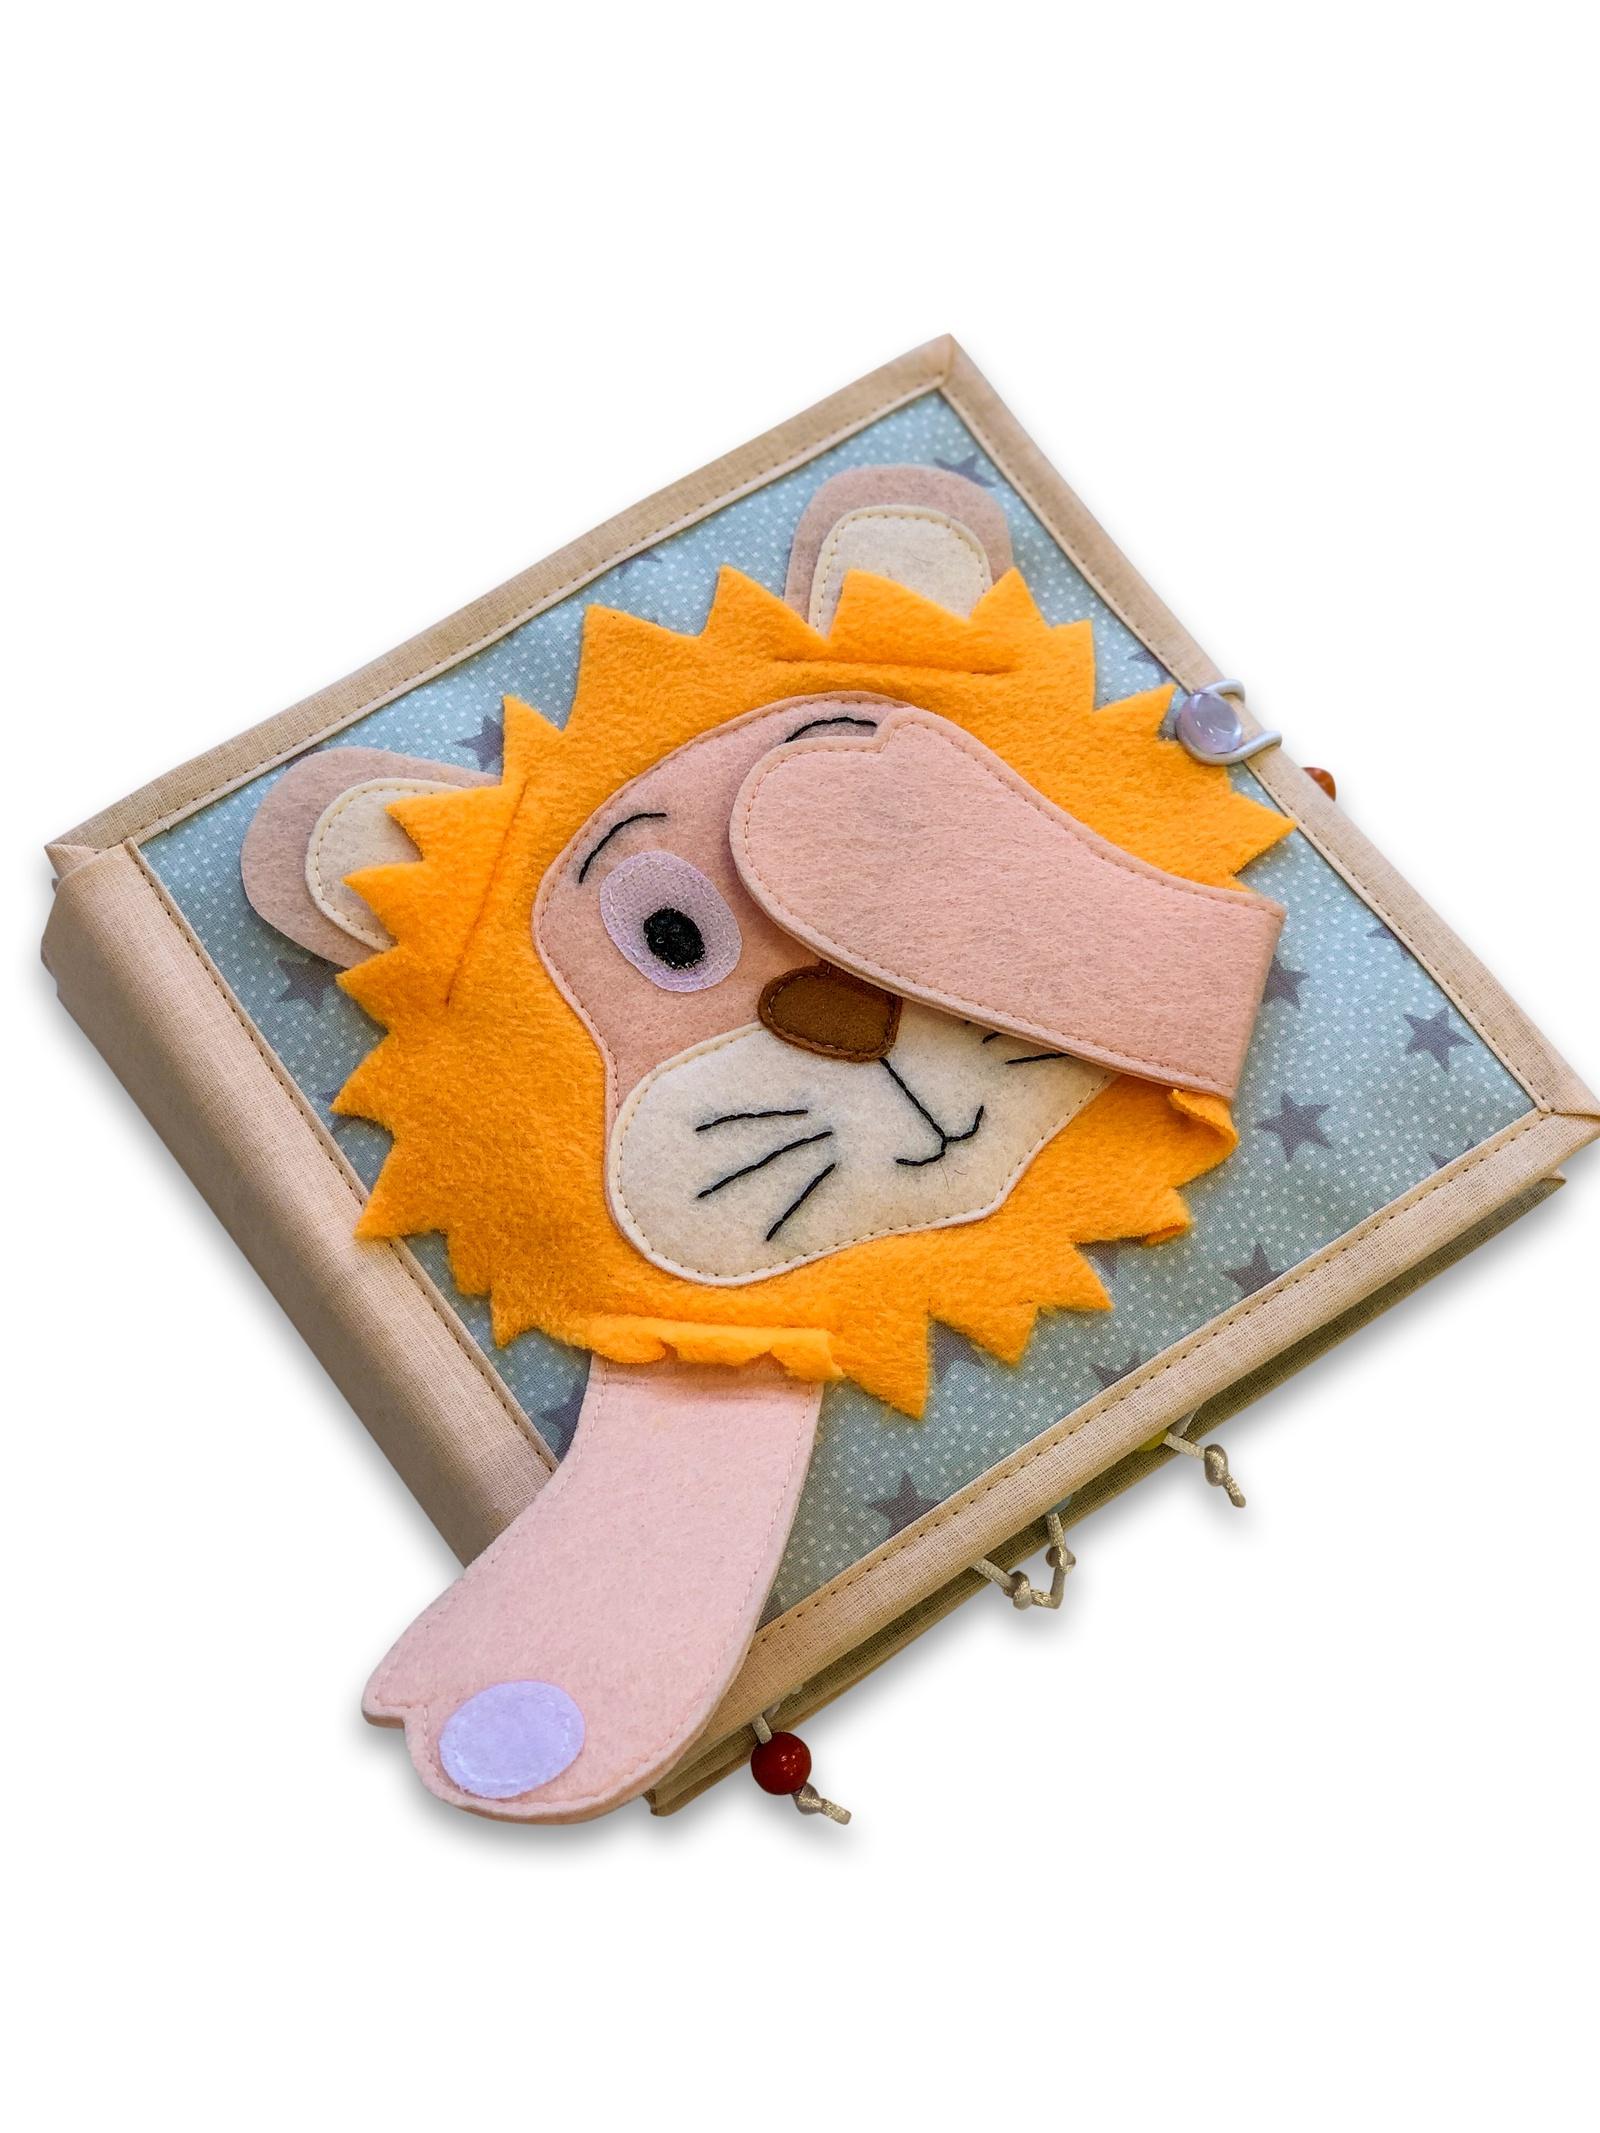 Книжка-игрушка Kykybook Большая книжка150602Наши книги вызывают WOW - эффект не только у детей, но и у взрослых. Отменное качество пошива, настоящая мамина любовь в каждой петельке. Книги можно стирать. Гарантия 5 лет. Размер 20х20 см, на возраст 12 мес+ и до 2-3 лет. 30 мин для спокойного чаепития маме гарантированы!!! А малыш проводит время с пользой для развития! Мягкая книга способствует развитию мелкой моторики малышей, что в следствии отвечает за развитие речи. С помощью наших книг у малышей вырабатываются такие способности, как развитие памяти, логики, воображения, усидчивости и т.д. Детали на липучках - от их хруста не один не останется равнодушным. Тактильные элементы. В книге присутствуют детали на кнопочках - отличный тренажер для маленьких пальчиков; изучение счета- все бусины со слюнозащитным покрытием; пальчиковый лабиринт по цветовой сортировке. И это все в одной игрушке!!!